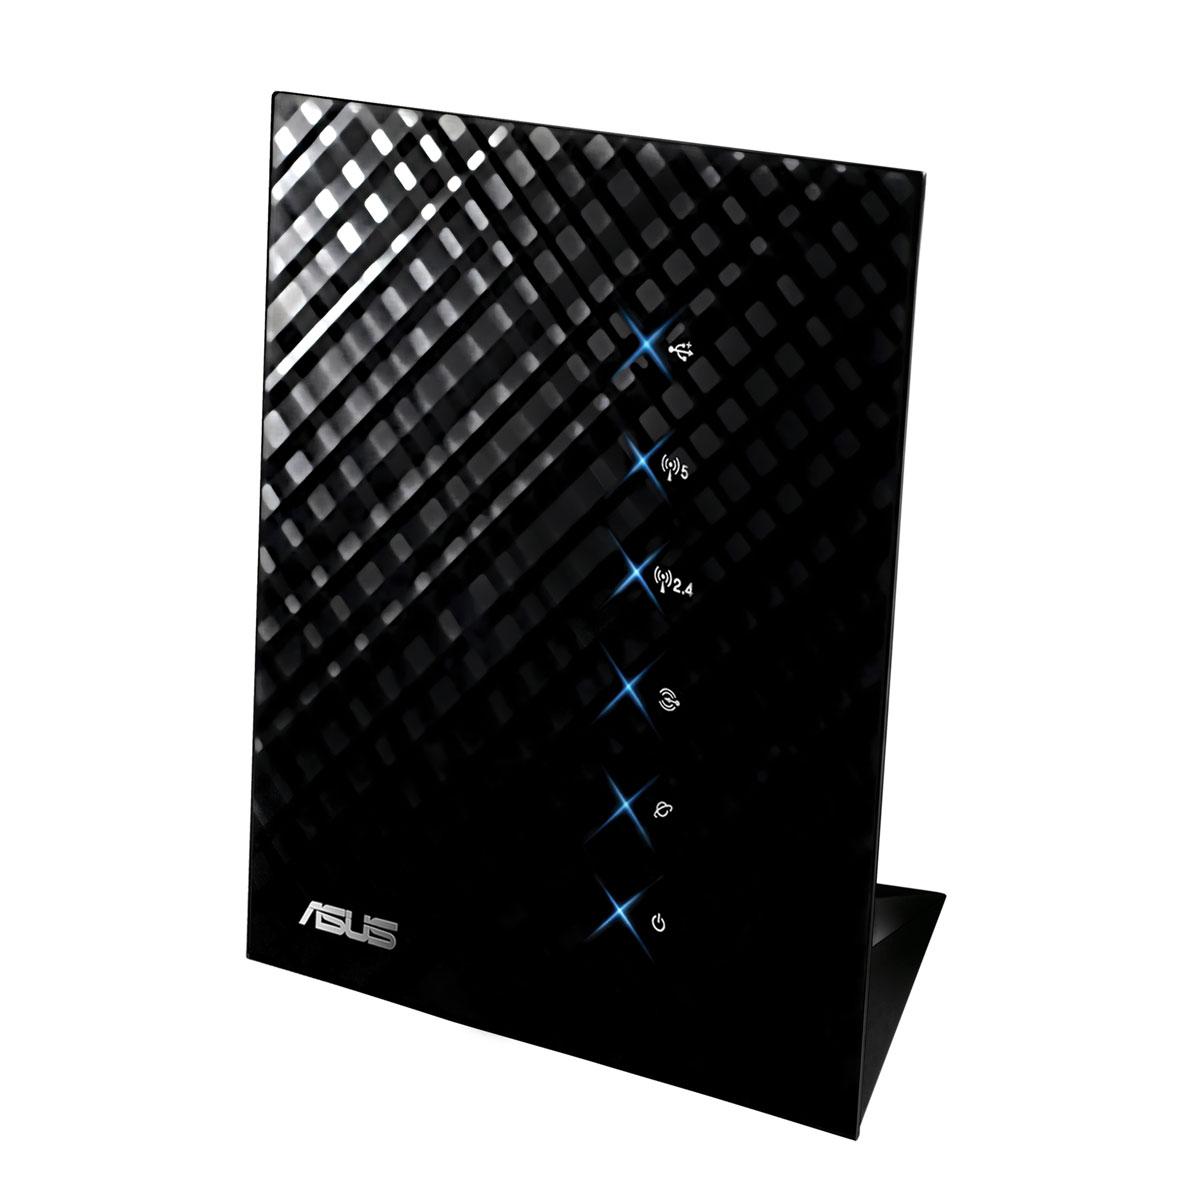 Modem & routeur ASUS RT-N56U Routeur sans fil WiFi Dual Band 802.11n 300 + 300 Mbps + 4 ports LAN 10/100/1000 Mbps